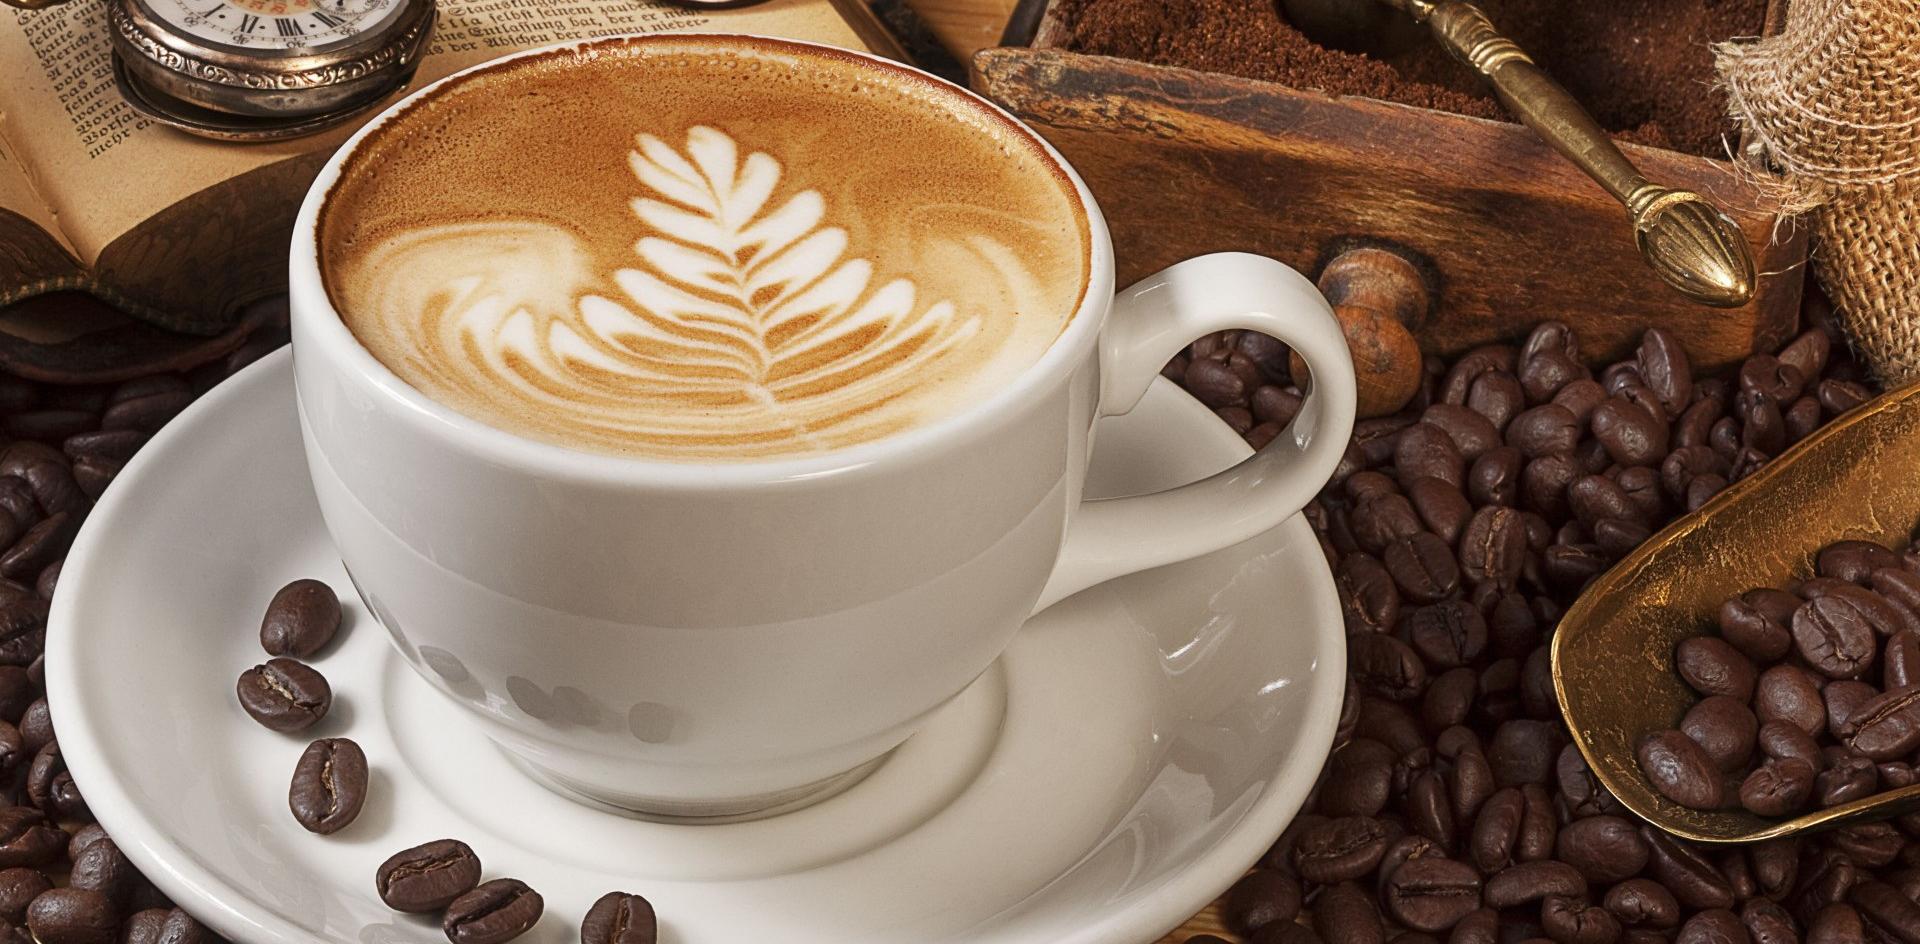 caffe latte hamburg öffnungszeiten